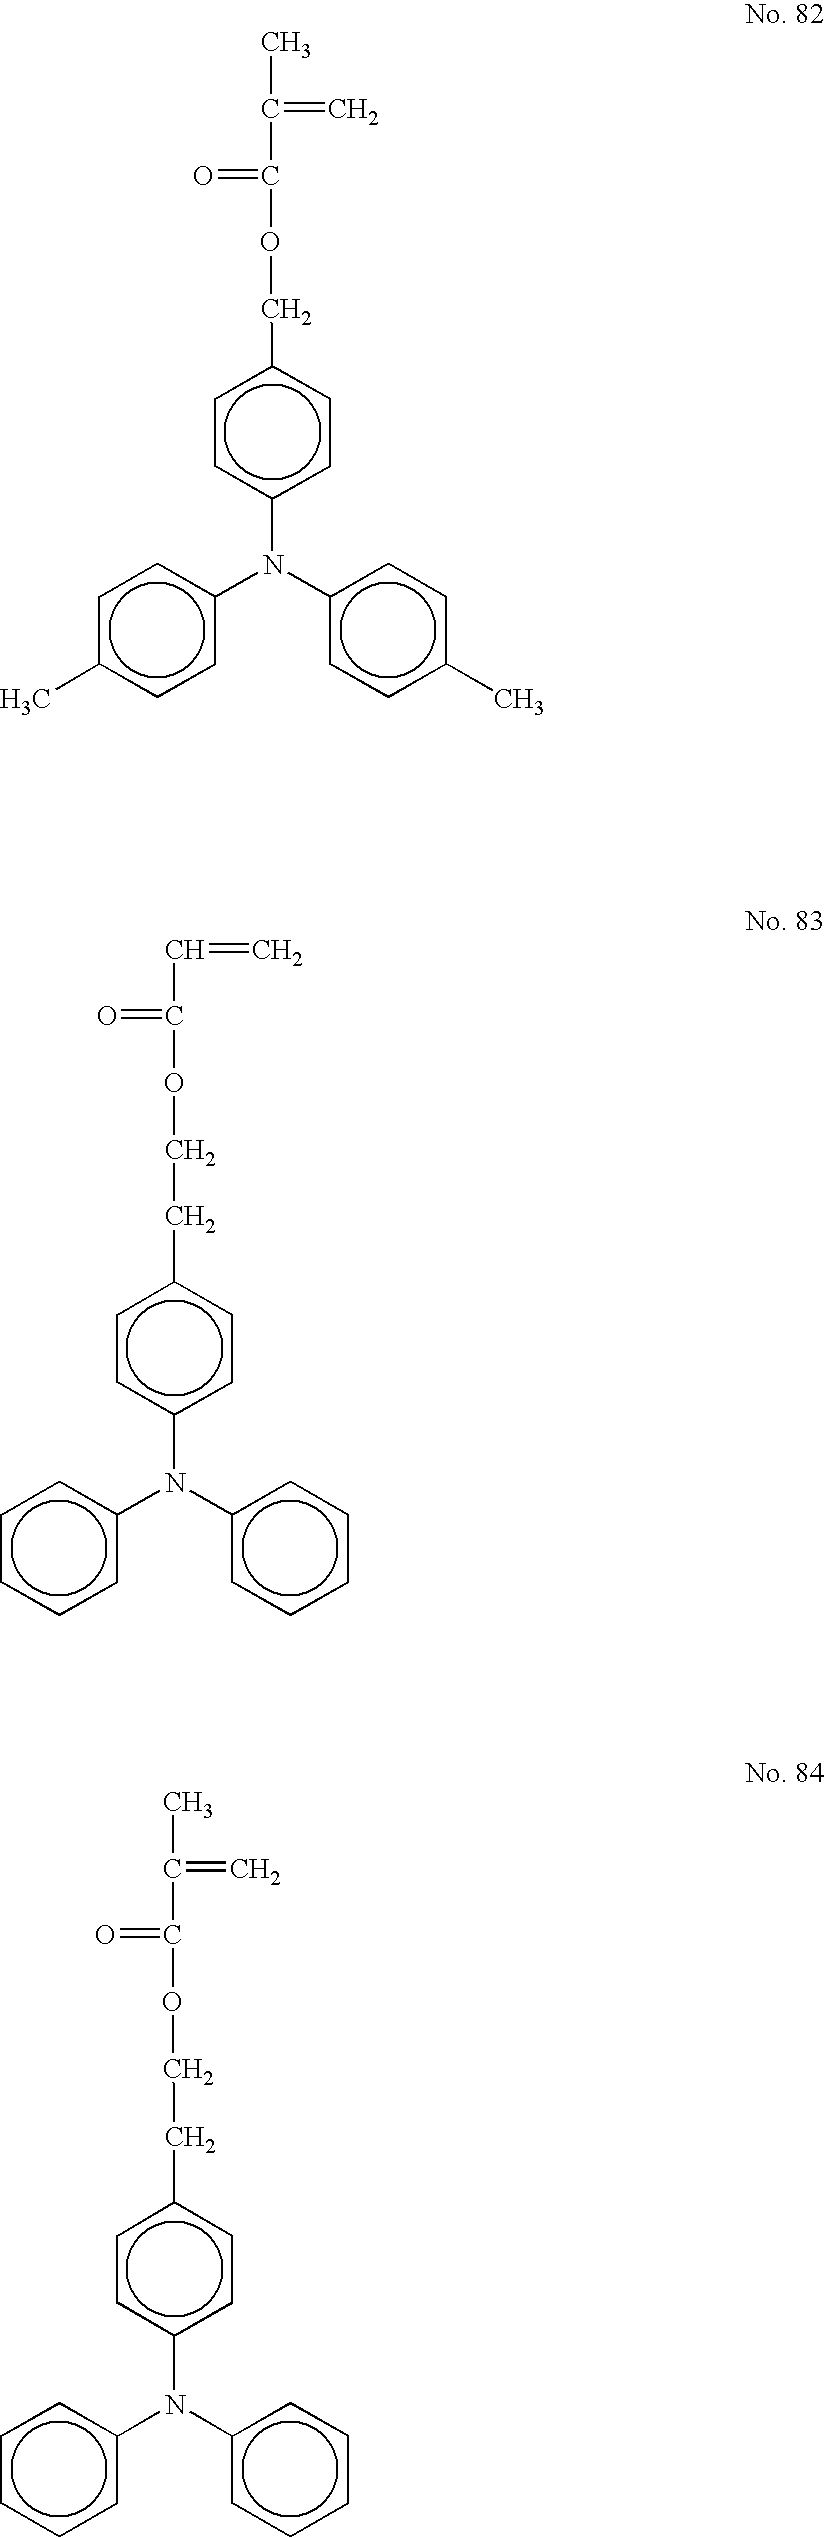 Figure US20040253527A1-20041216-C00039